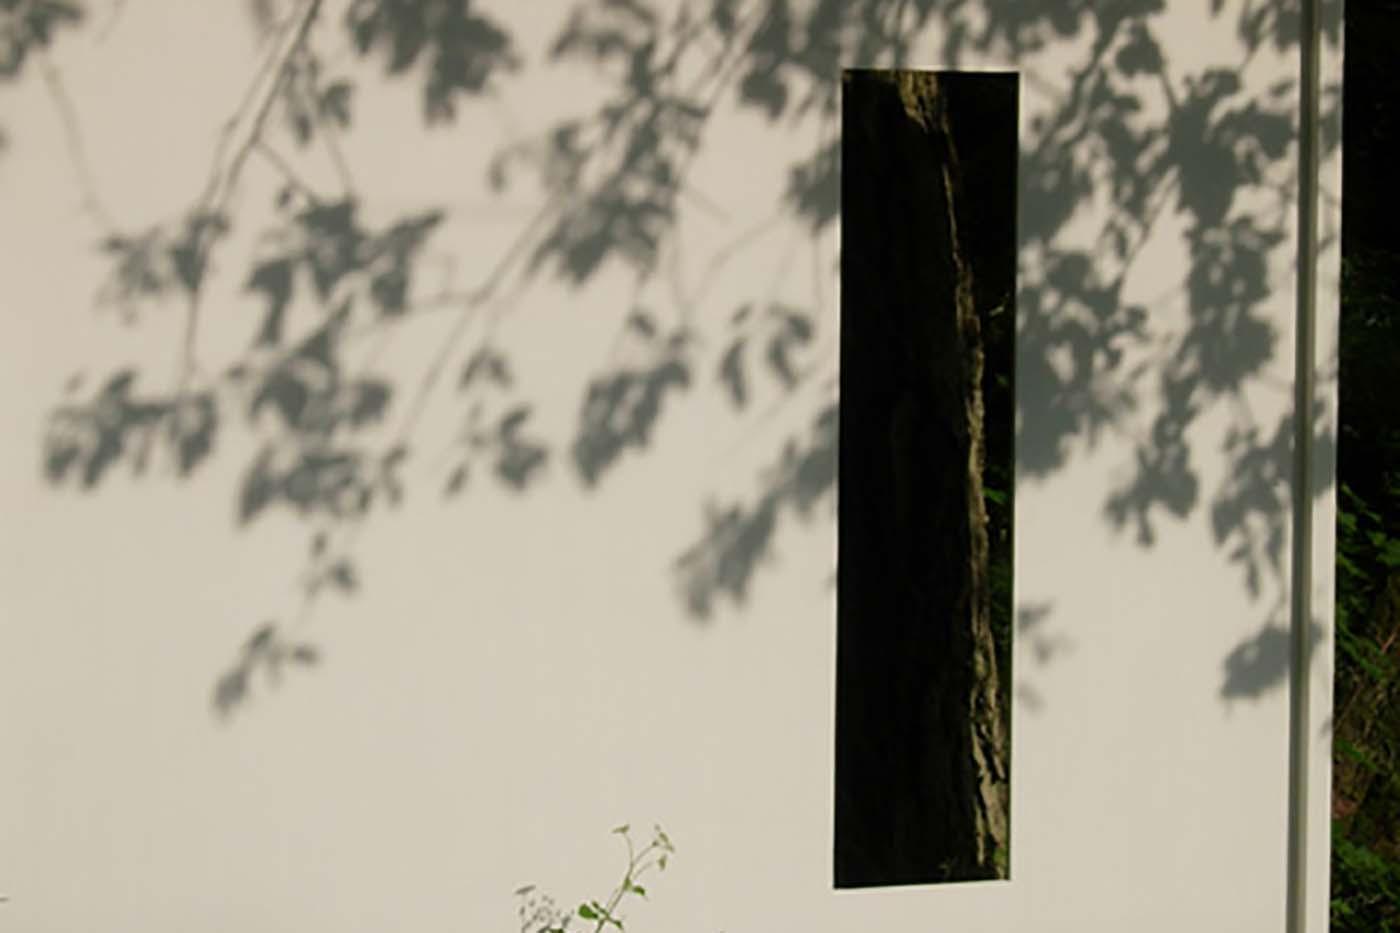 02_Ansicht Baumbild, Schloss Fasanerie [2007]